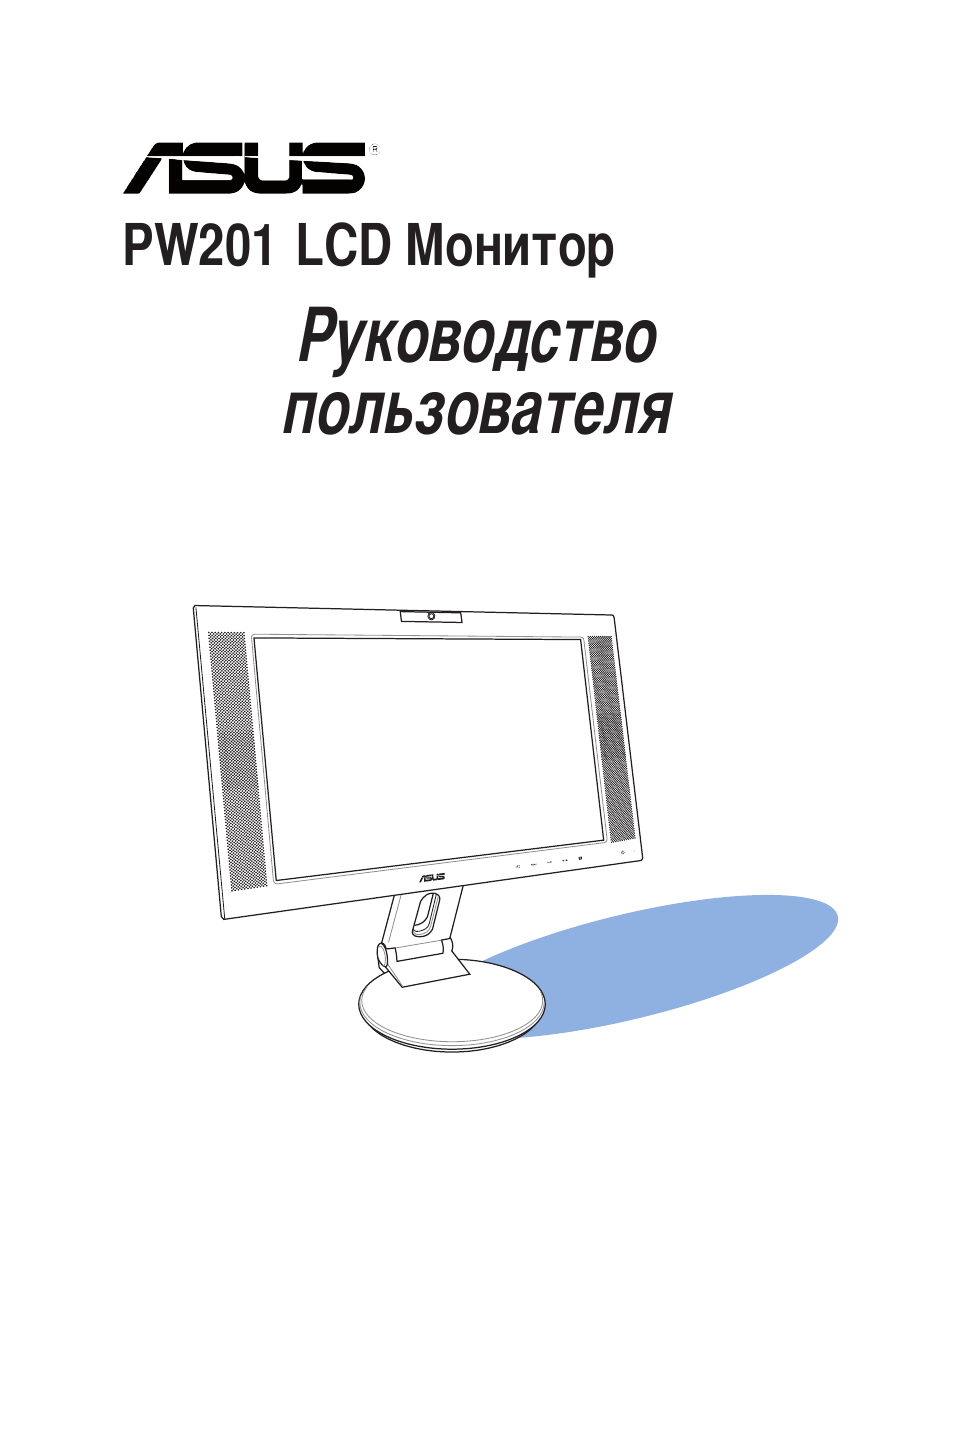 Монитор asus pw201 схема